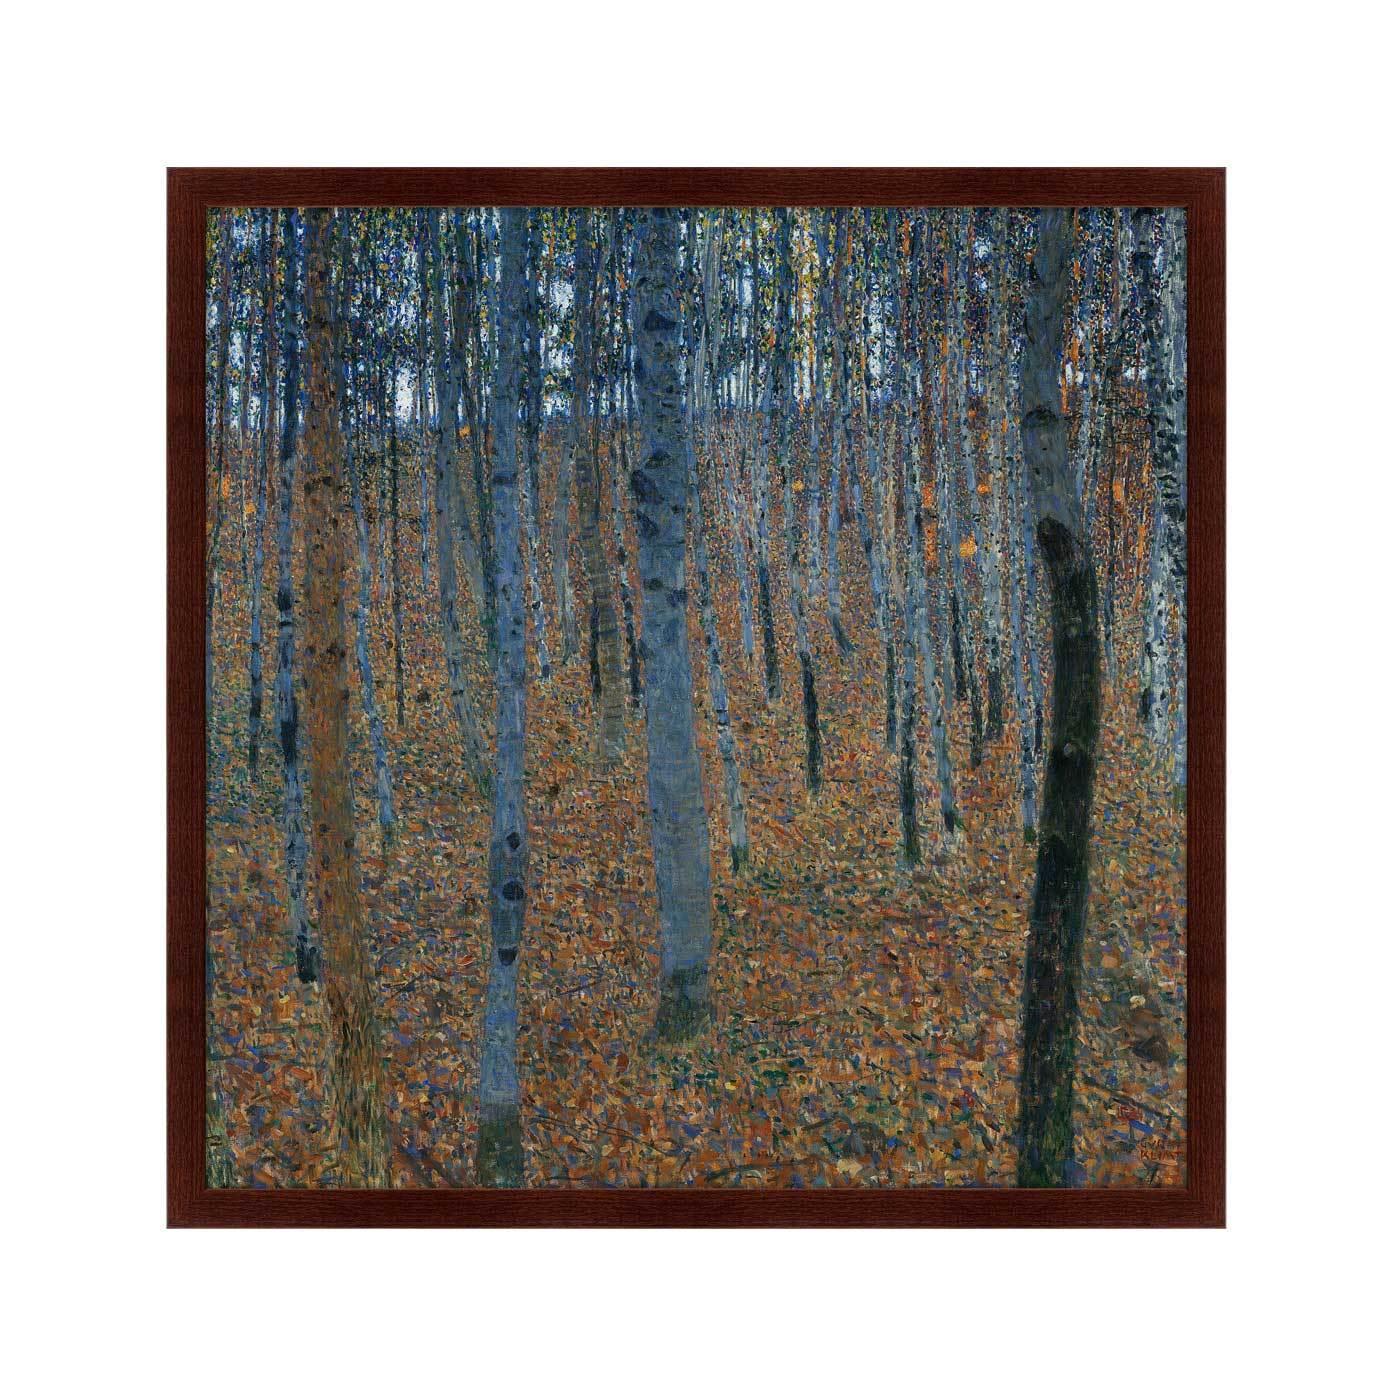 {} Картины в Квартиру Картина Beech Grove (79х79 см) картины в квартиру картина дерево на воде 102х130 см